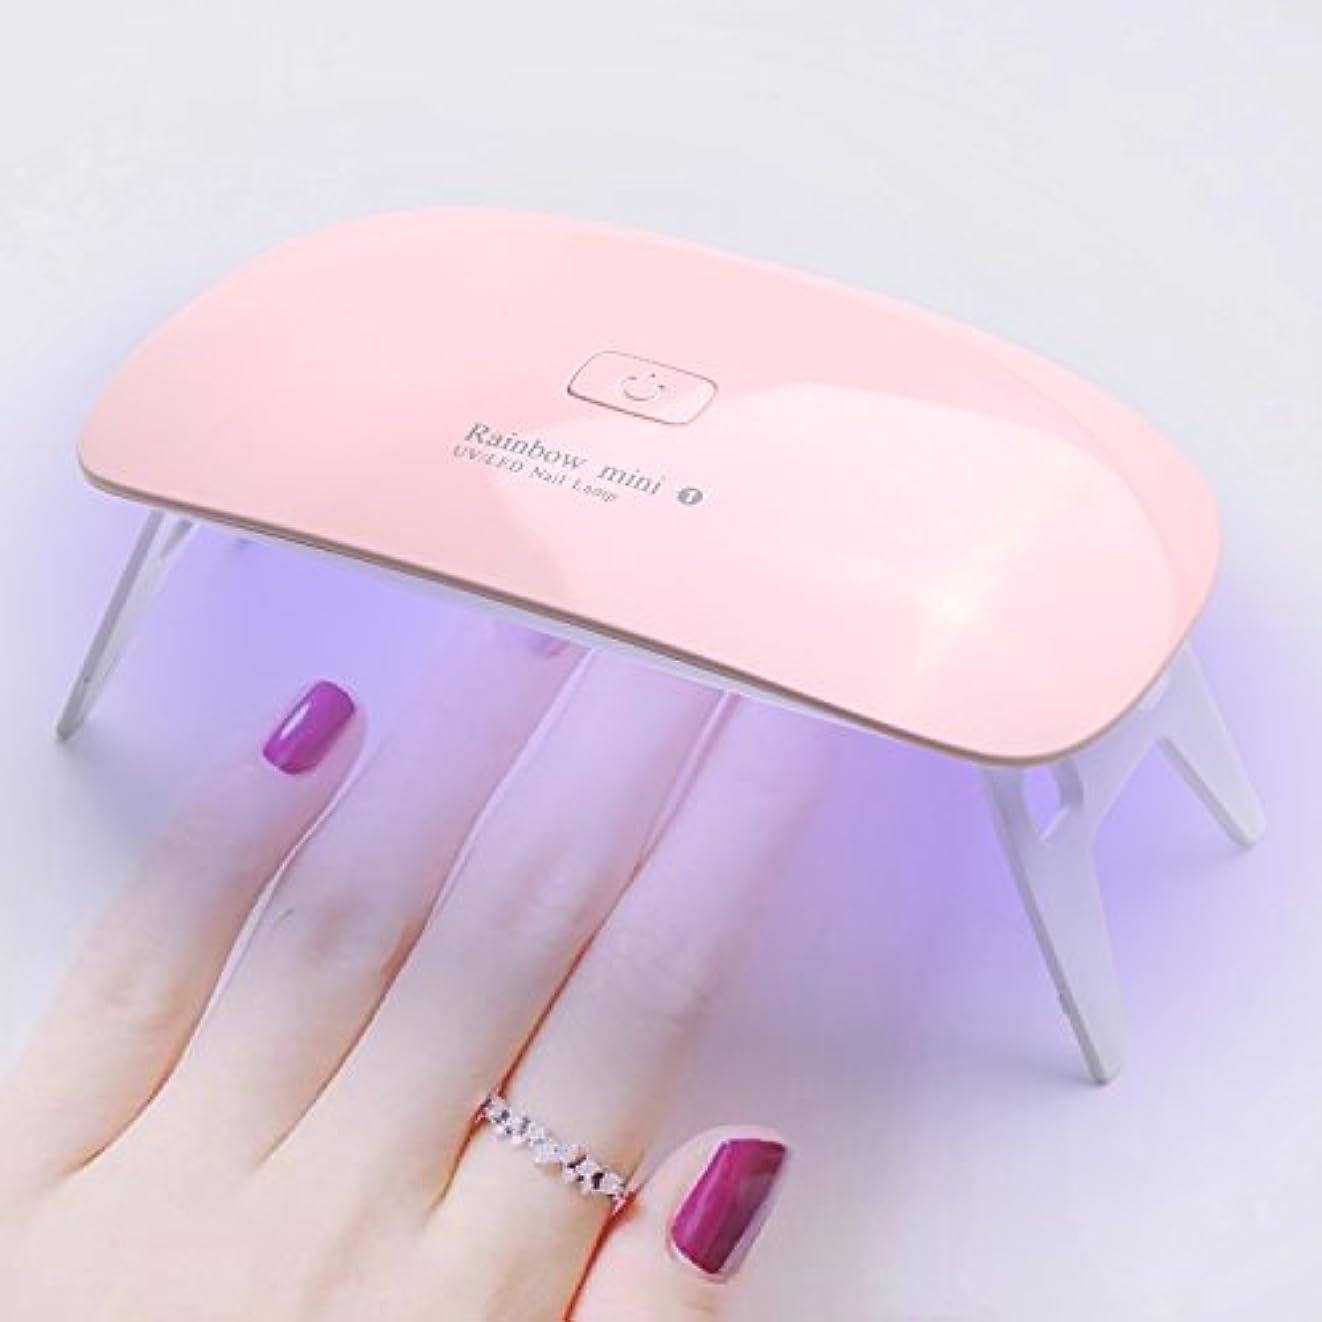 クマノミスチュワーデス民族主義LEDネイルドライヤー AmoVee UVライト タイマー設定可能 折りたたみ式 ジェルネイル用 (pink)